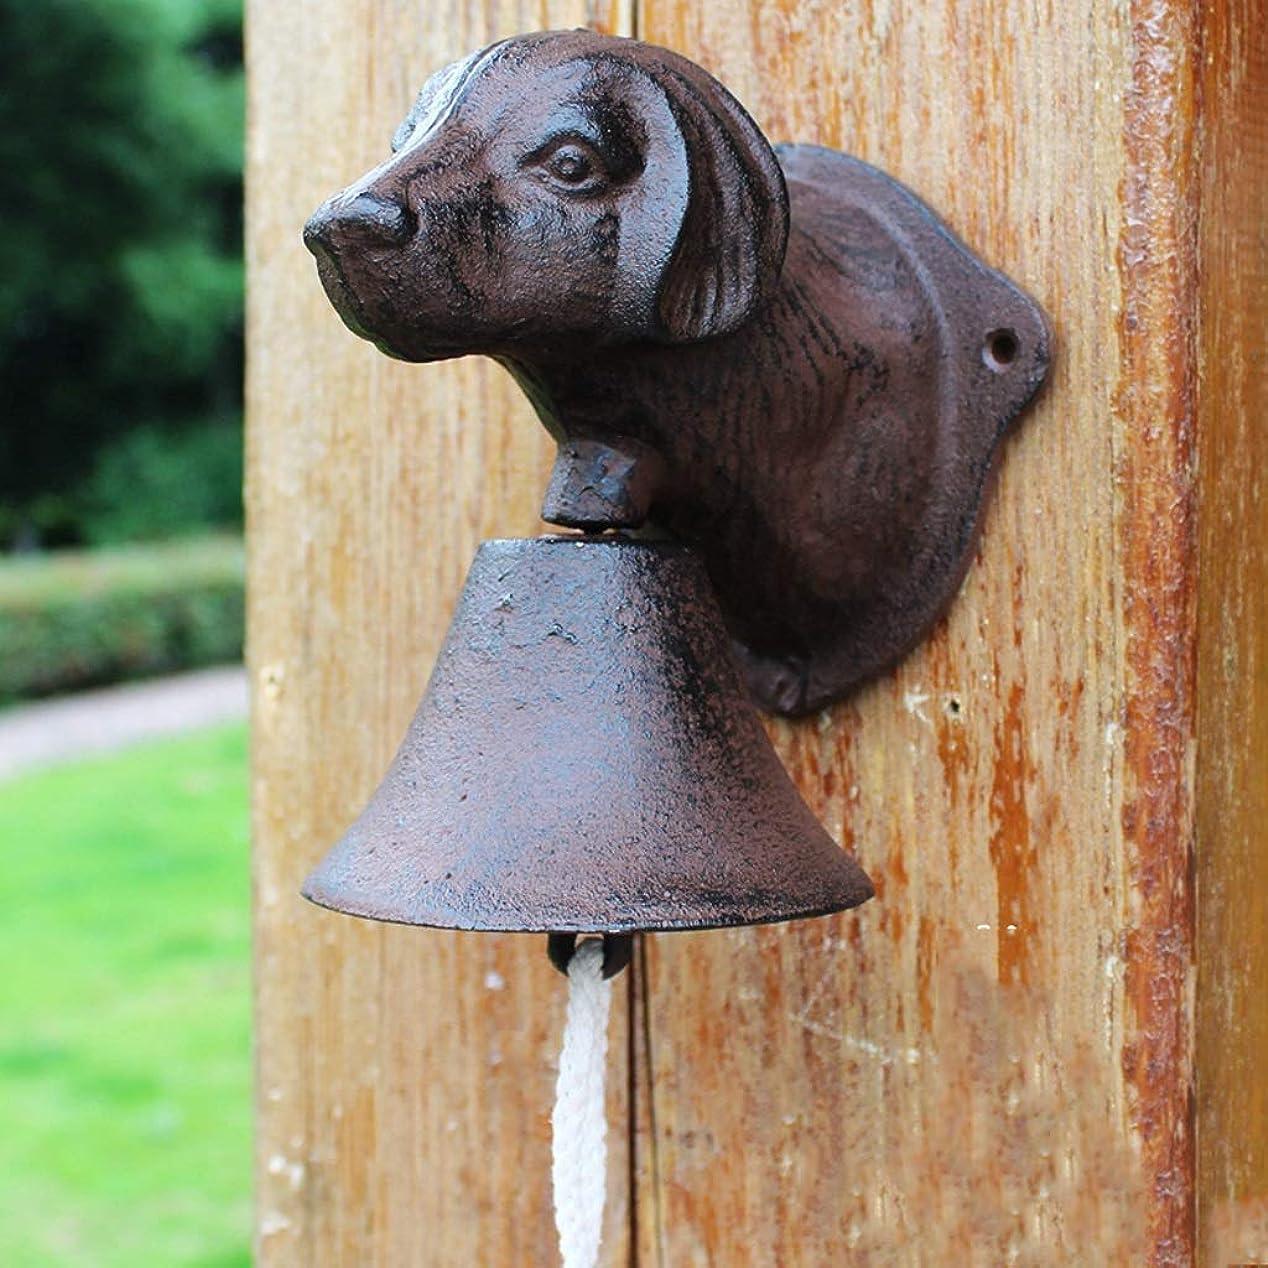 物語ラック持っているCXQ ヨーロッパスタイルレトロカントリー鋳鉄ドアベルウォールペンダントカフェガーデン子犬ヘッド装飾